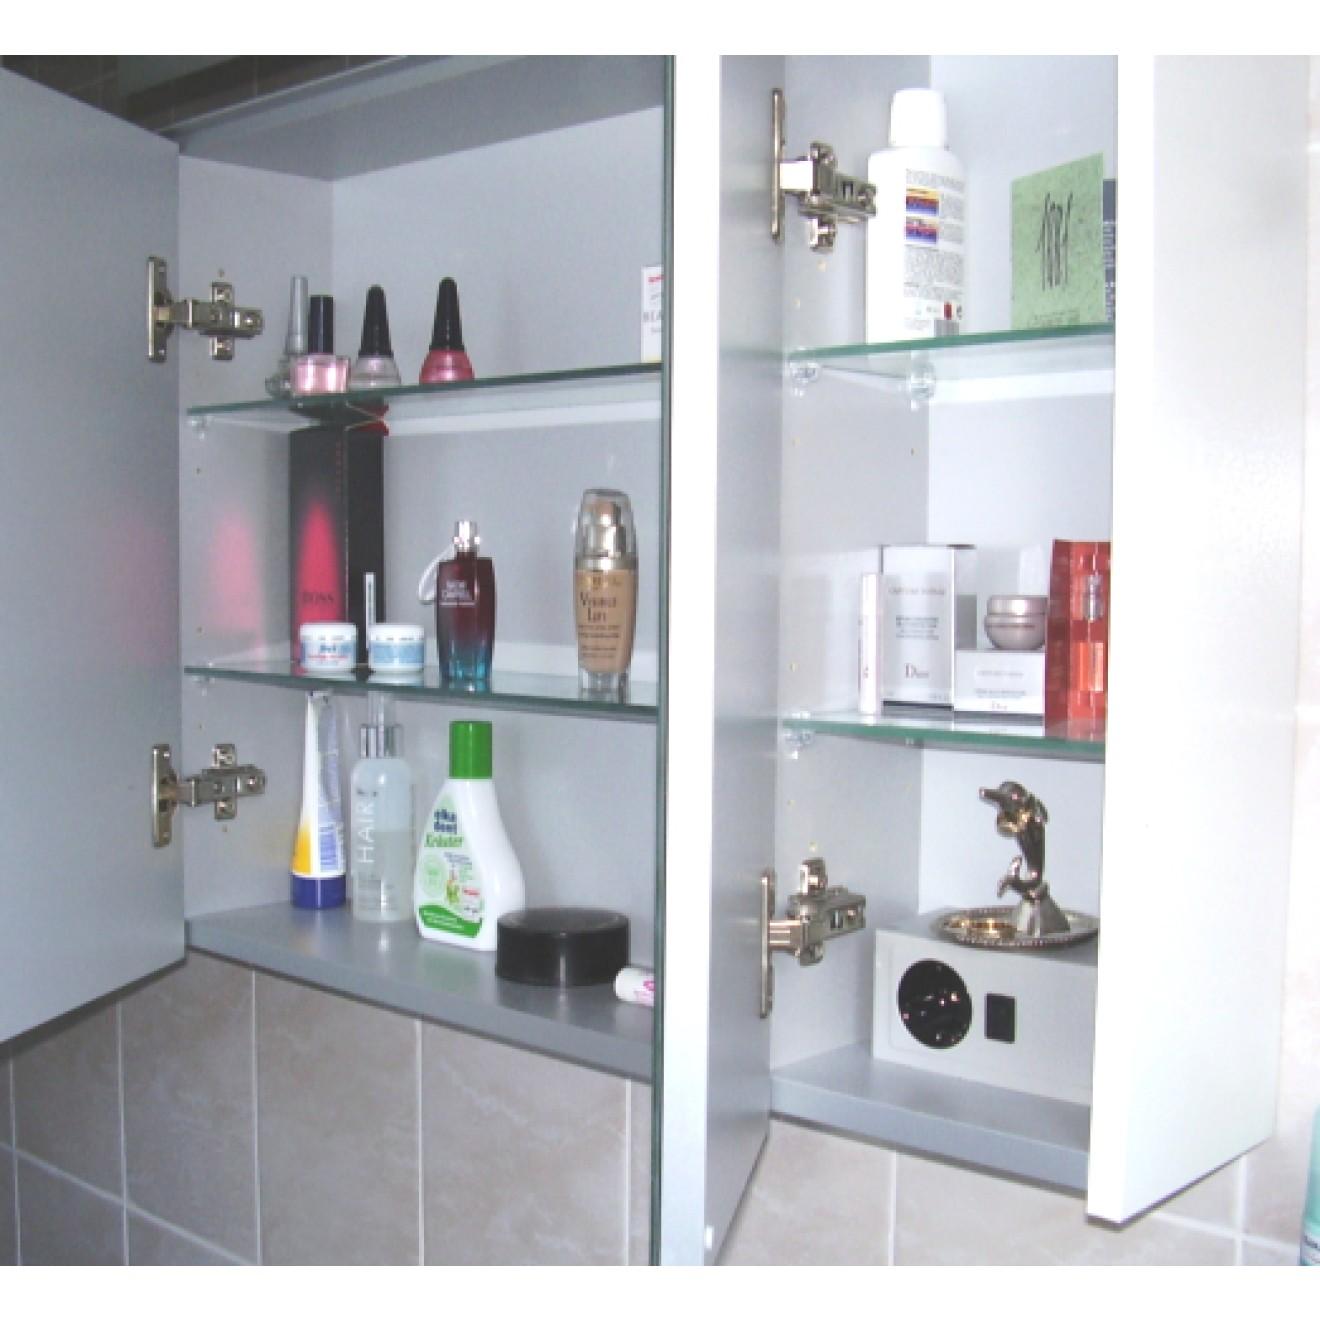 2d spiegelschrank 70 cm 3 t rig mit gesimsboden mit led beleuchtung treffpunkt bad der shop. Black Bedroom Furniture Sets. Home Design Ideas